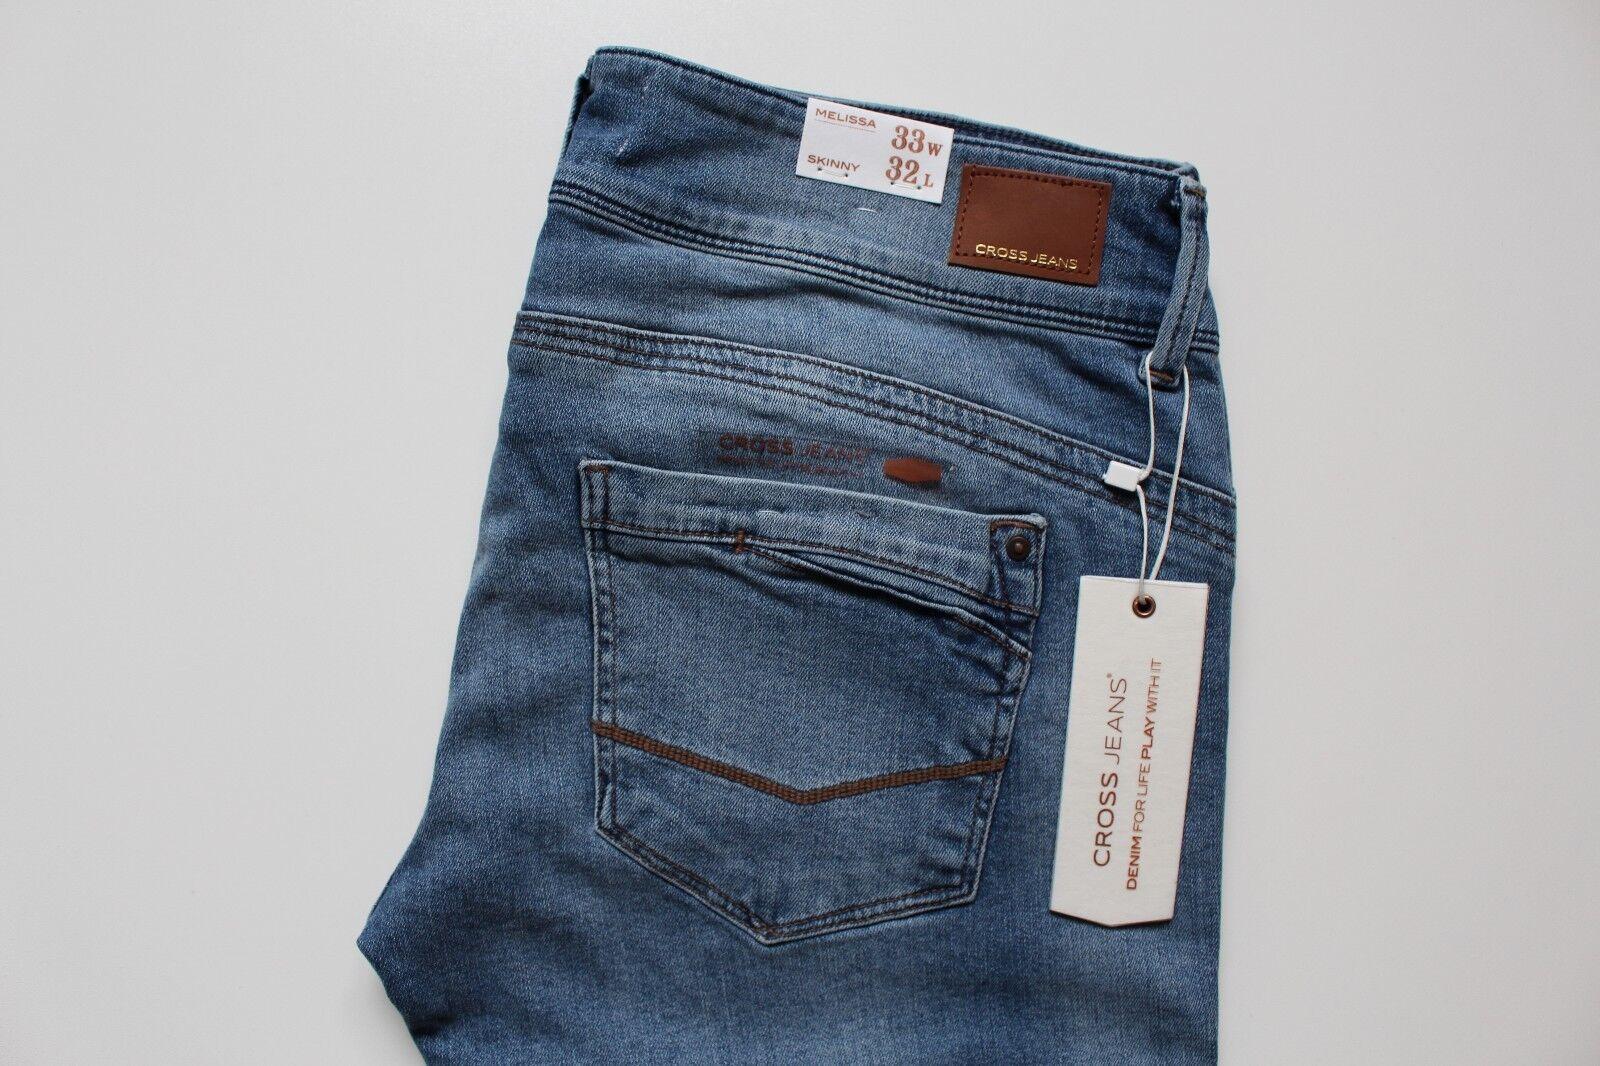 Cross Melissa Skinny Damen Jeans, Blau, W33 L32 | | | Haltbarkeit  | Mangelware  | Charmantes Design  | Moderner Modus  | Wirtschaft  7ff090